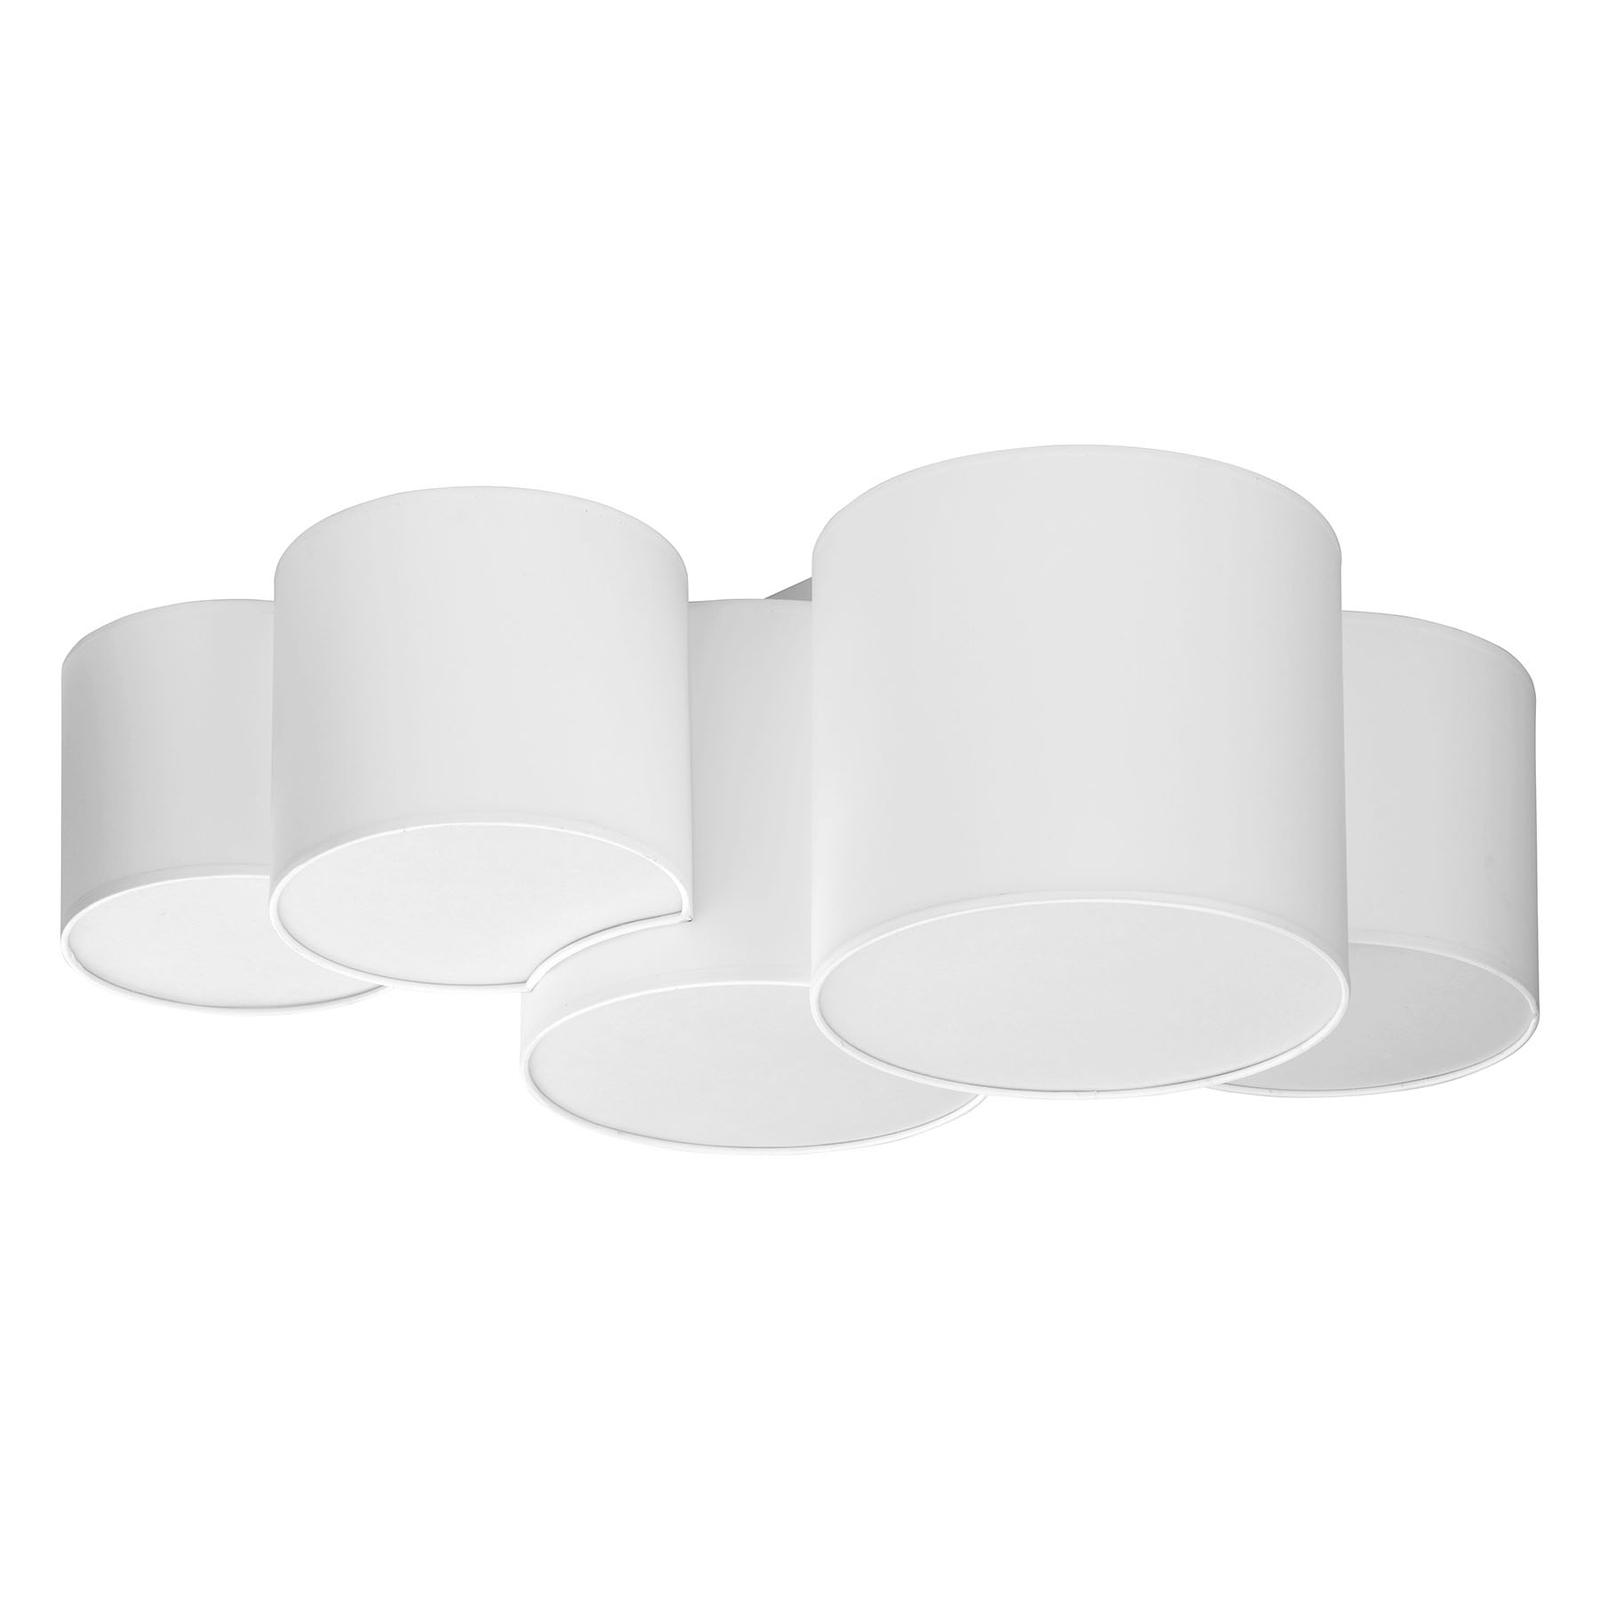 Taklampe Mona, fem lyskilder, hvit